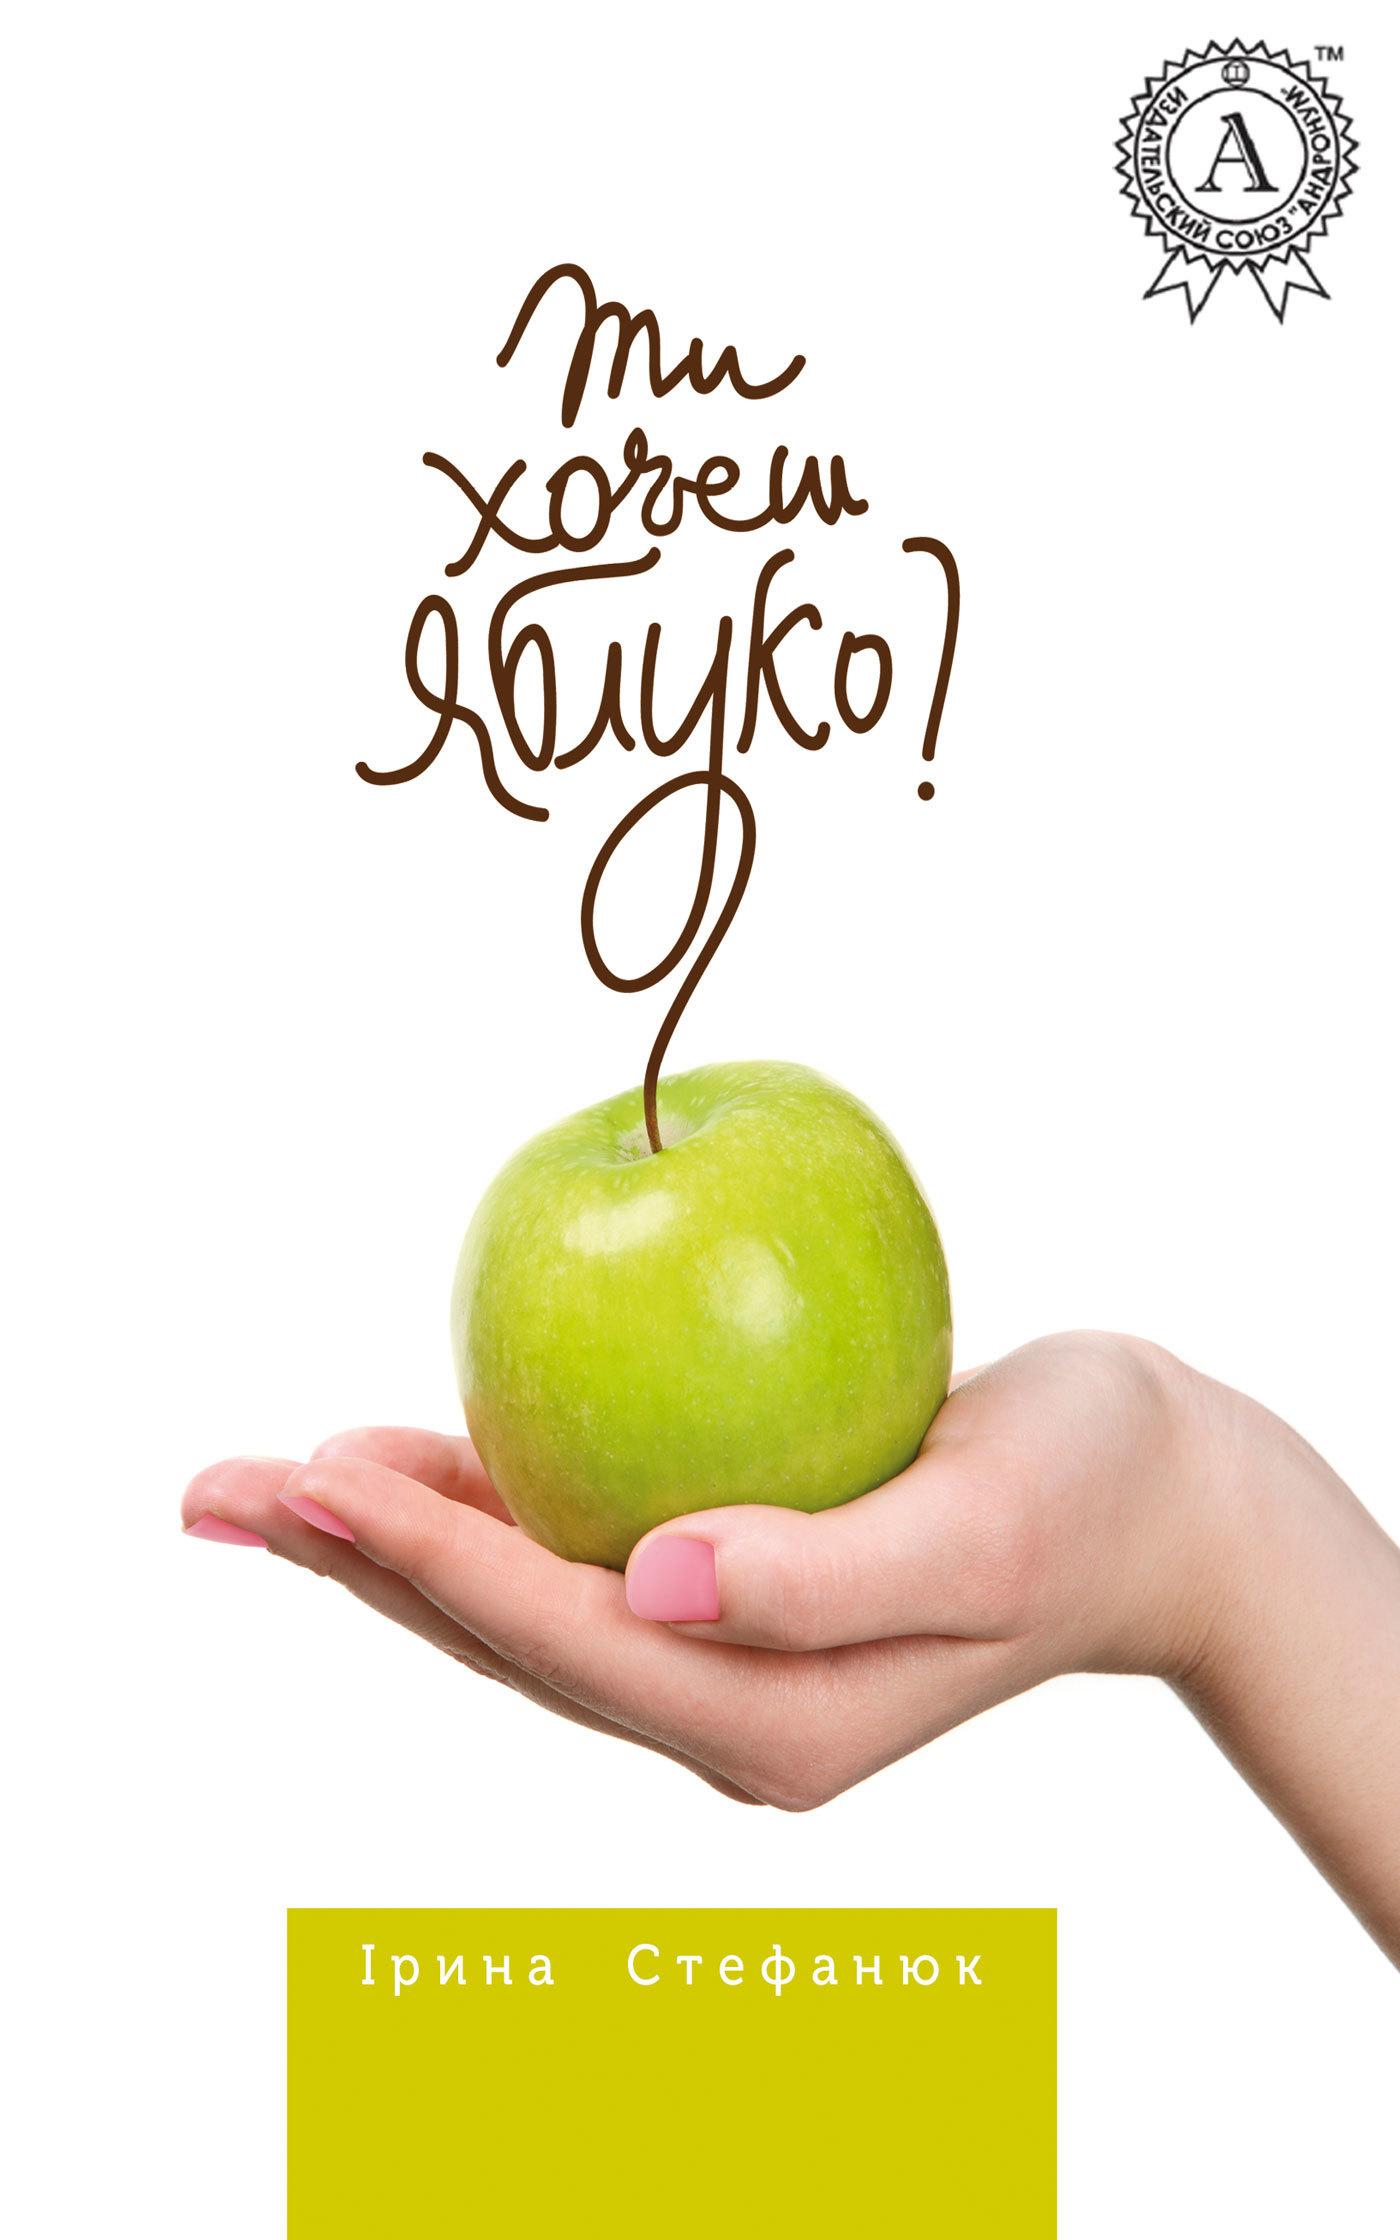 Ірина Стефанюк Ти хочеш яблуко? і а коляда кирило розумовський